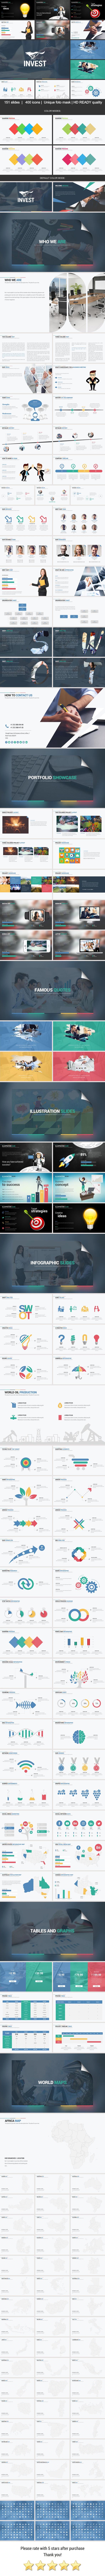 Invest GoogleSlides Template System - Google Slides Presentation Templates